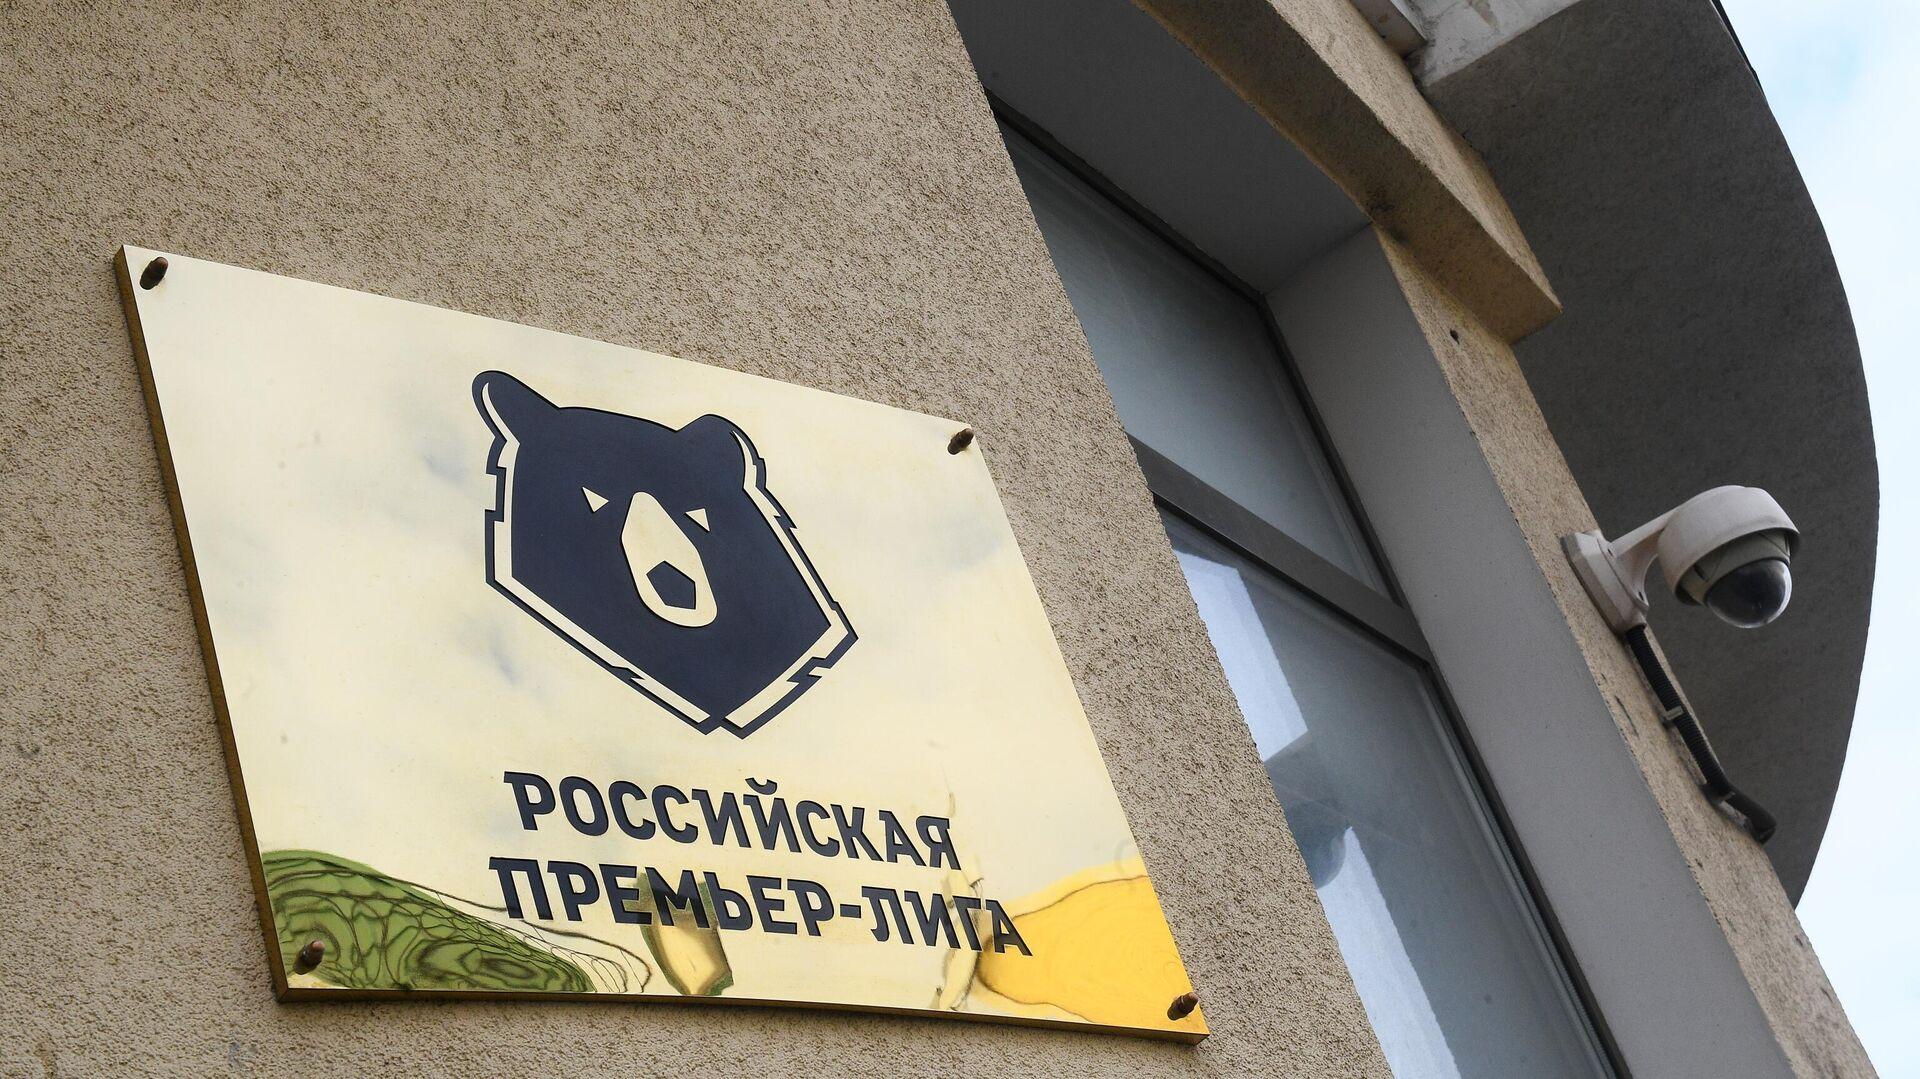 Логотип Российской премьер-лиги, РПЛ - РИА Новости, 1920, 22.07.2021